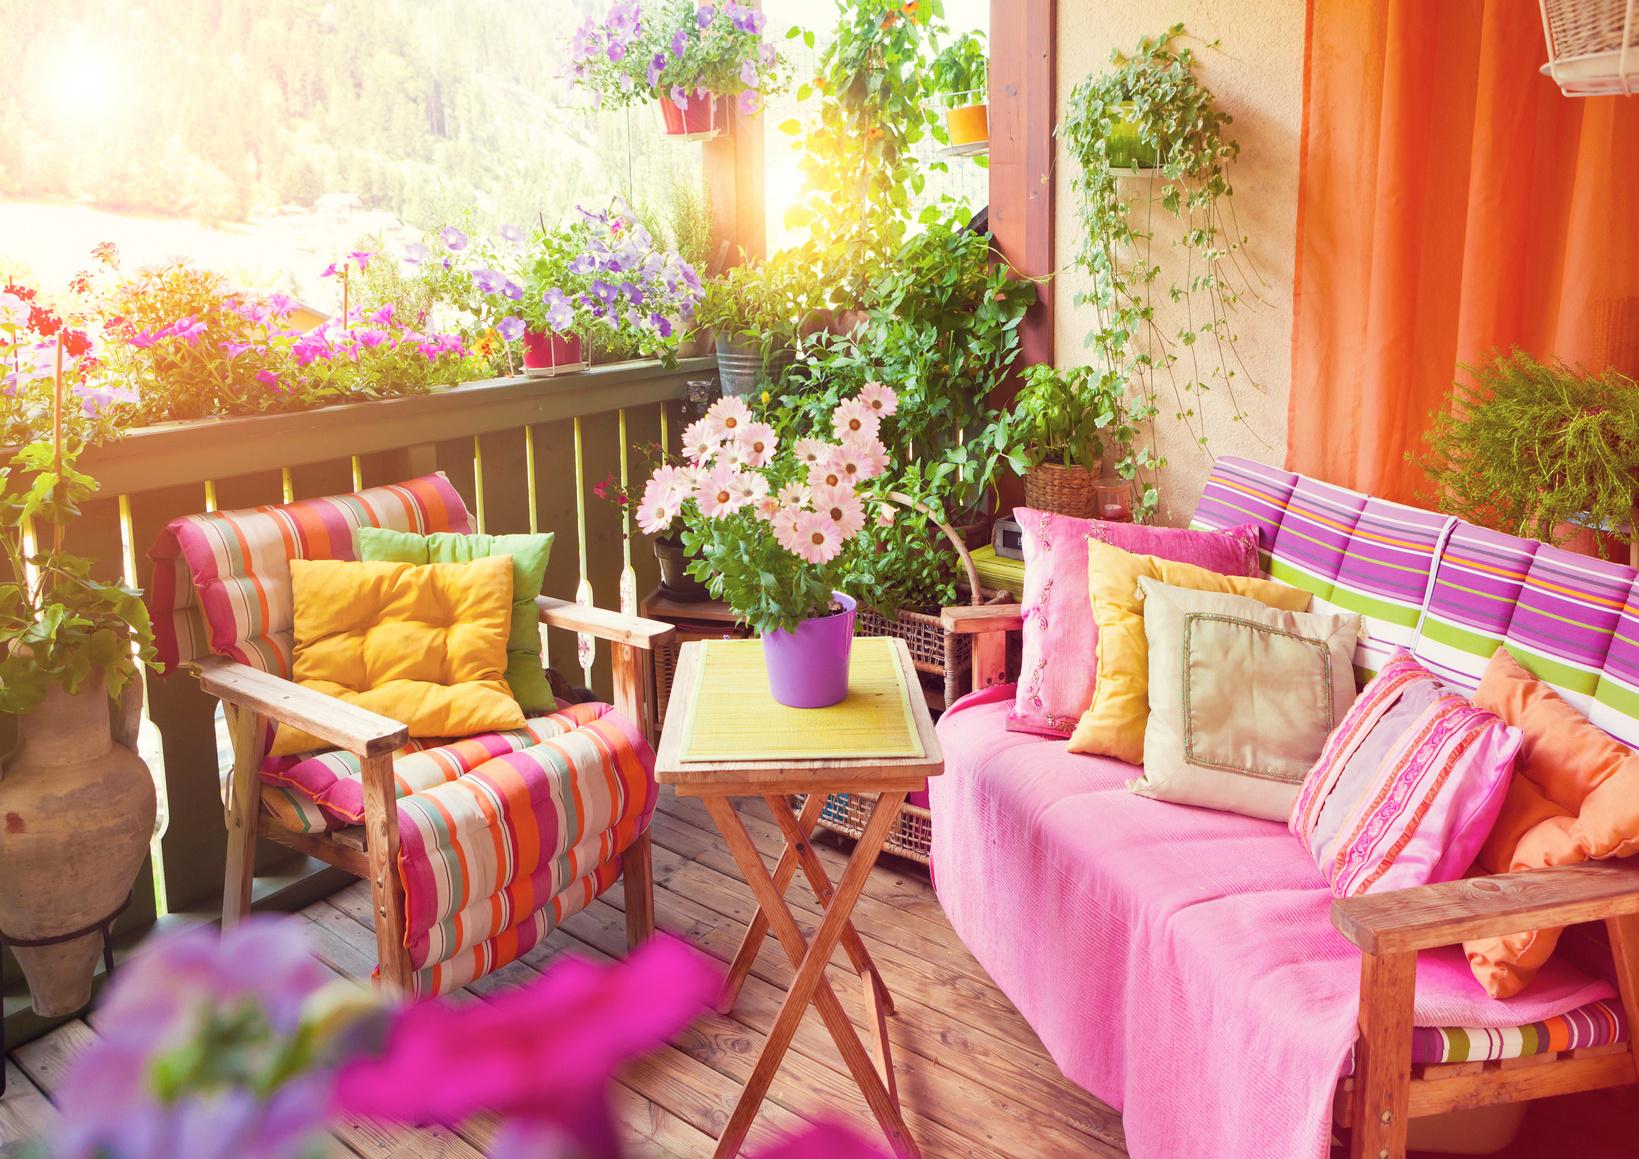 Der schöne Balkon – Ideen und Tipps zum Selbermachen - Farbe erleben